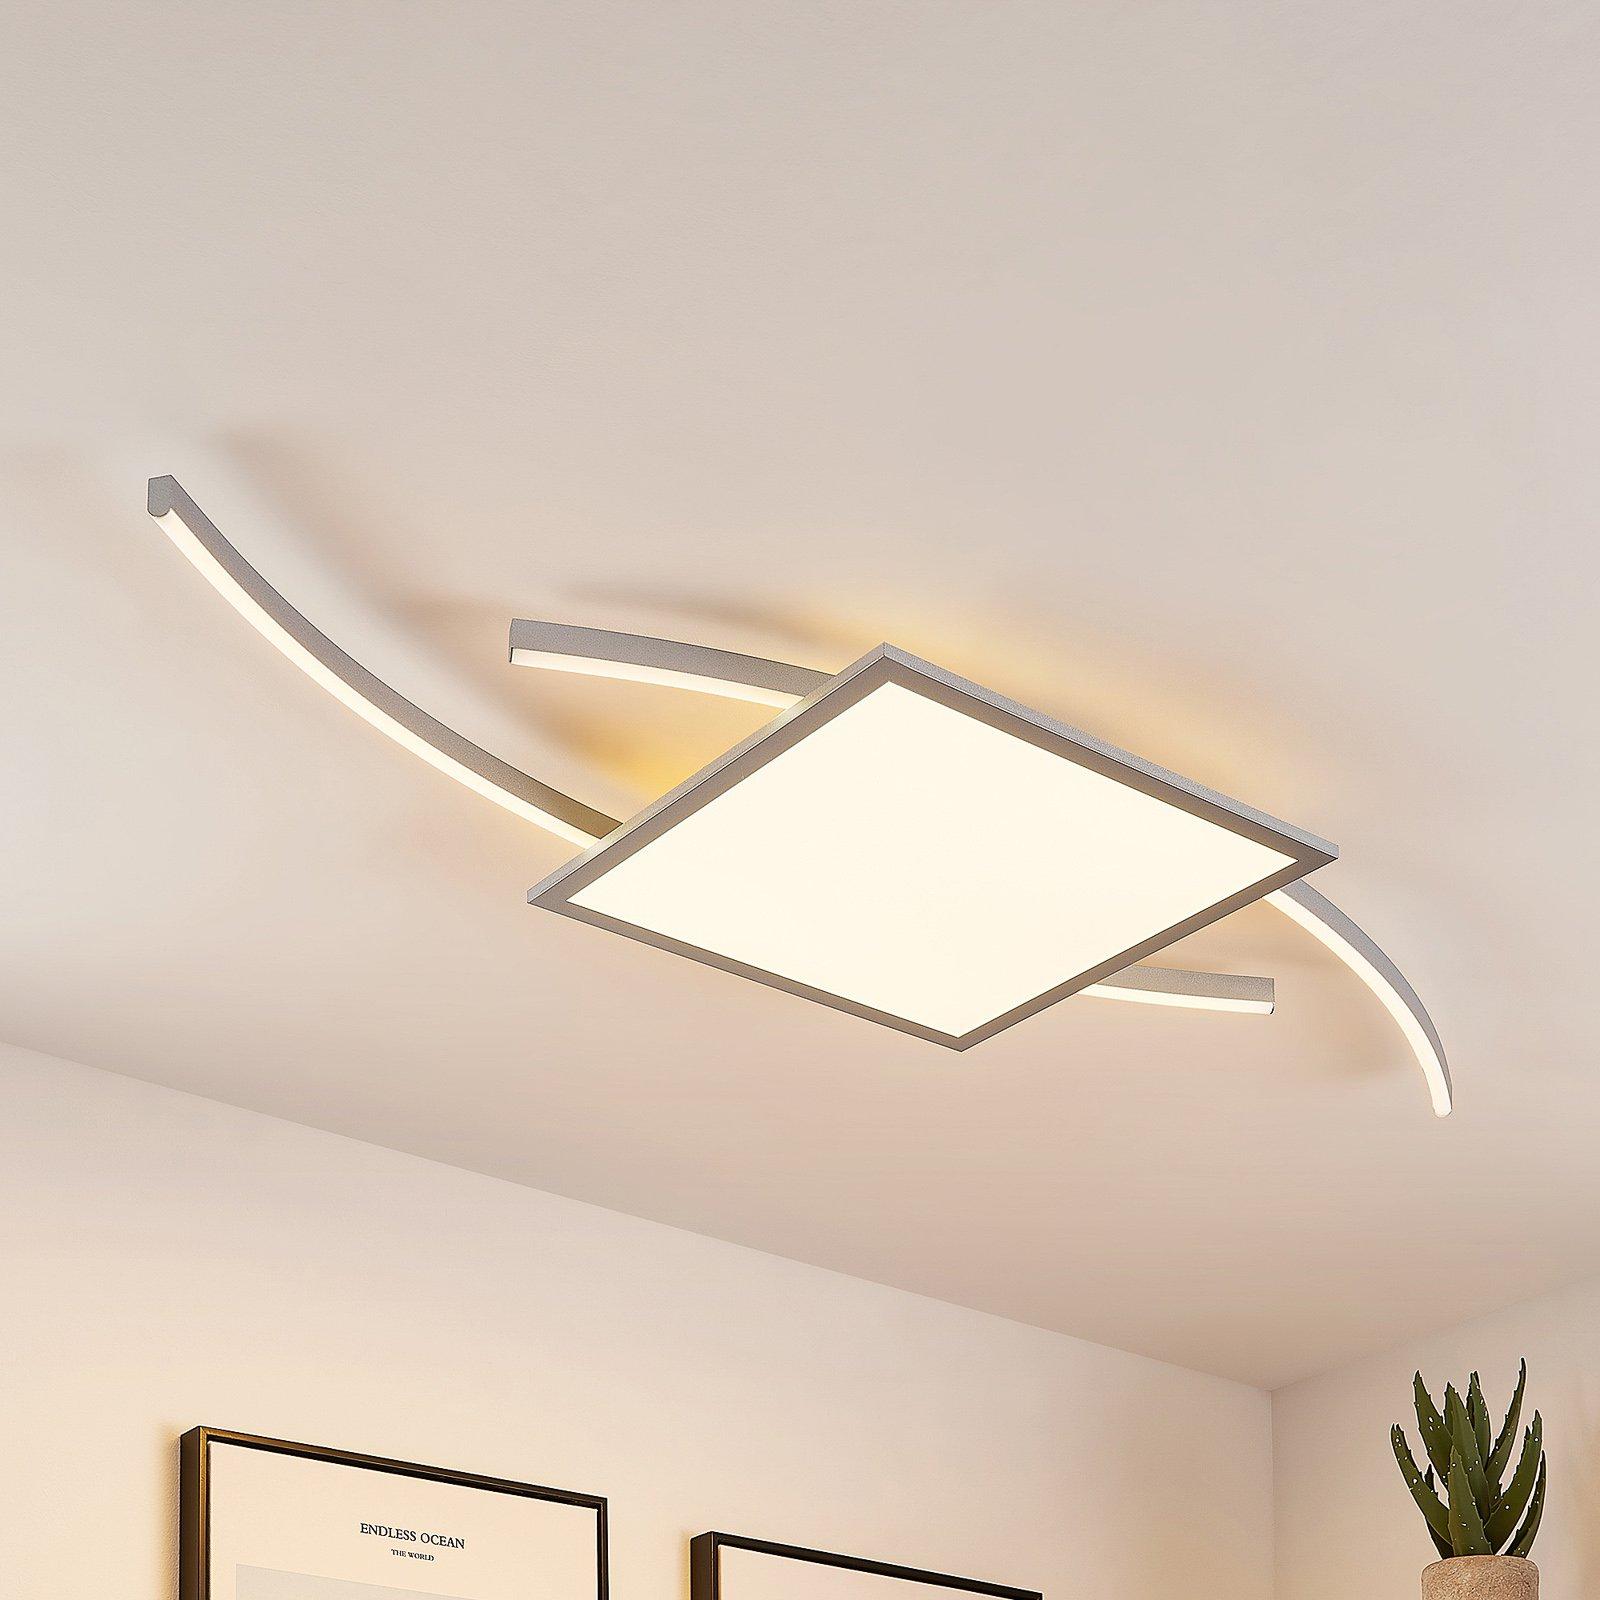 Lucande Tiaro LED-taklampe, kantet, 40 cm, CCT